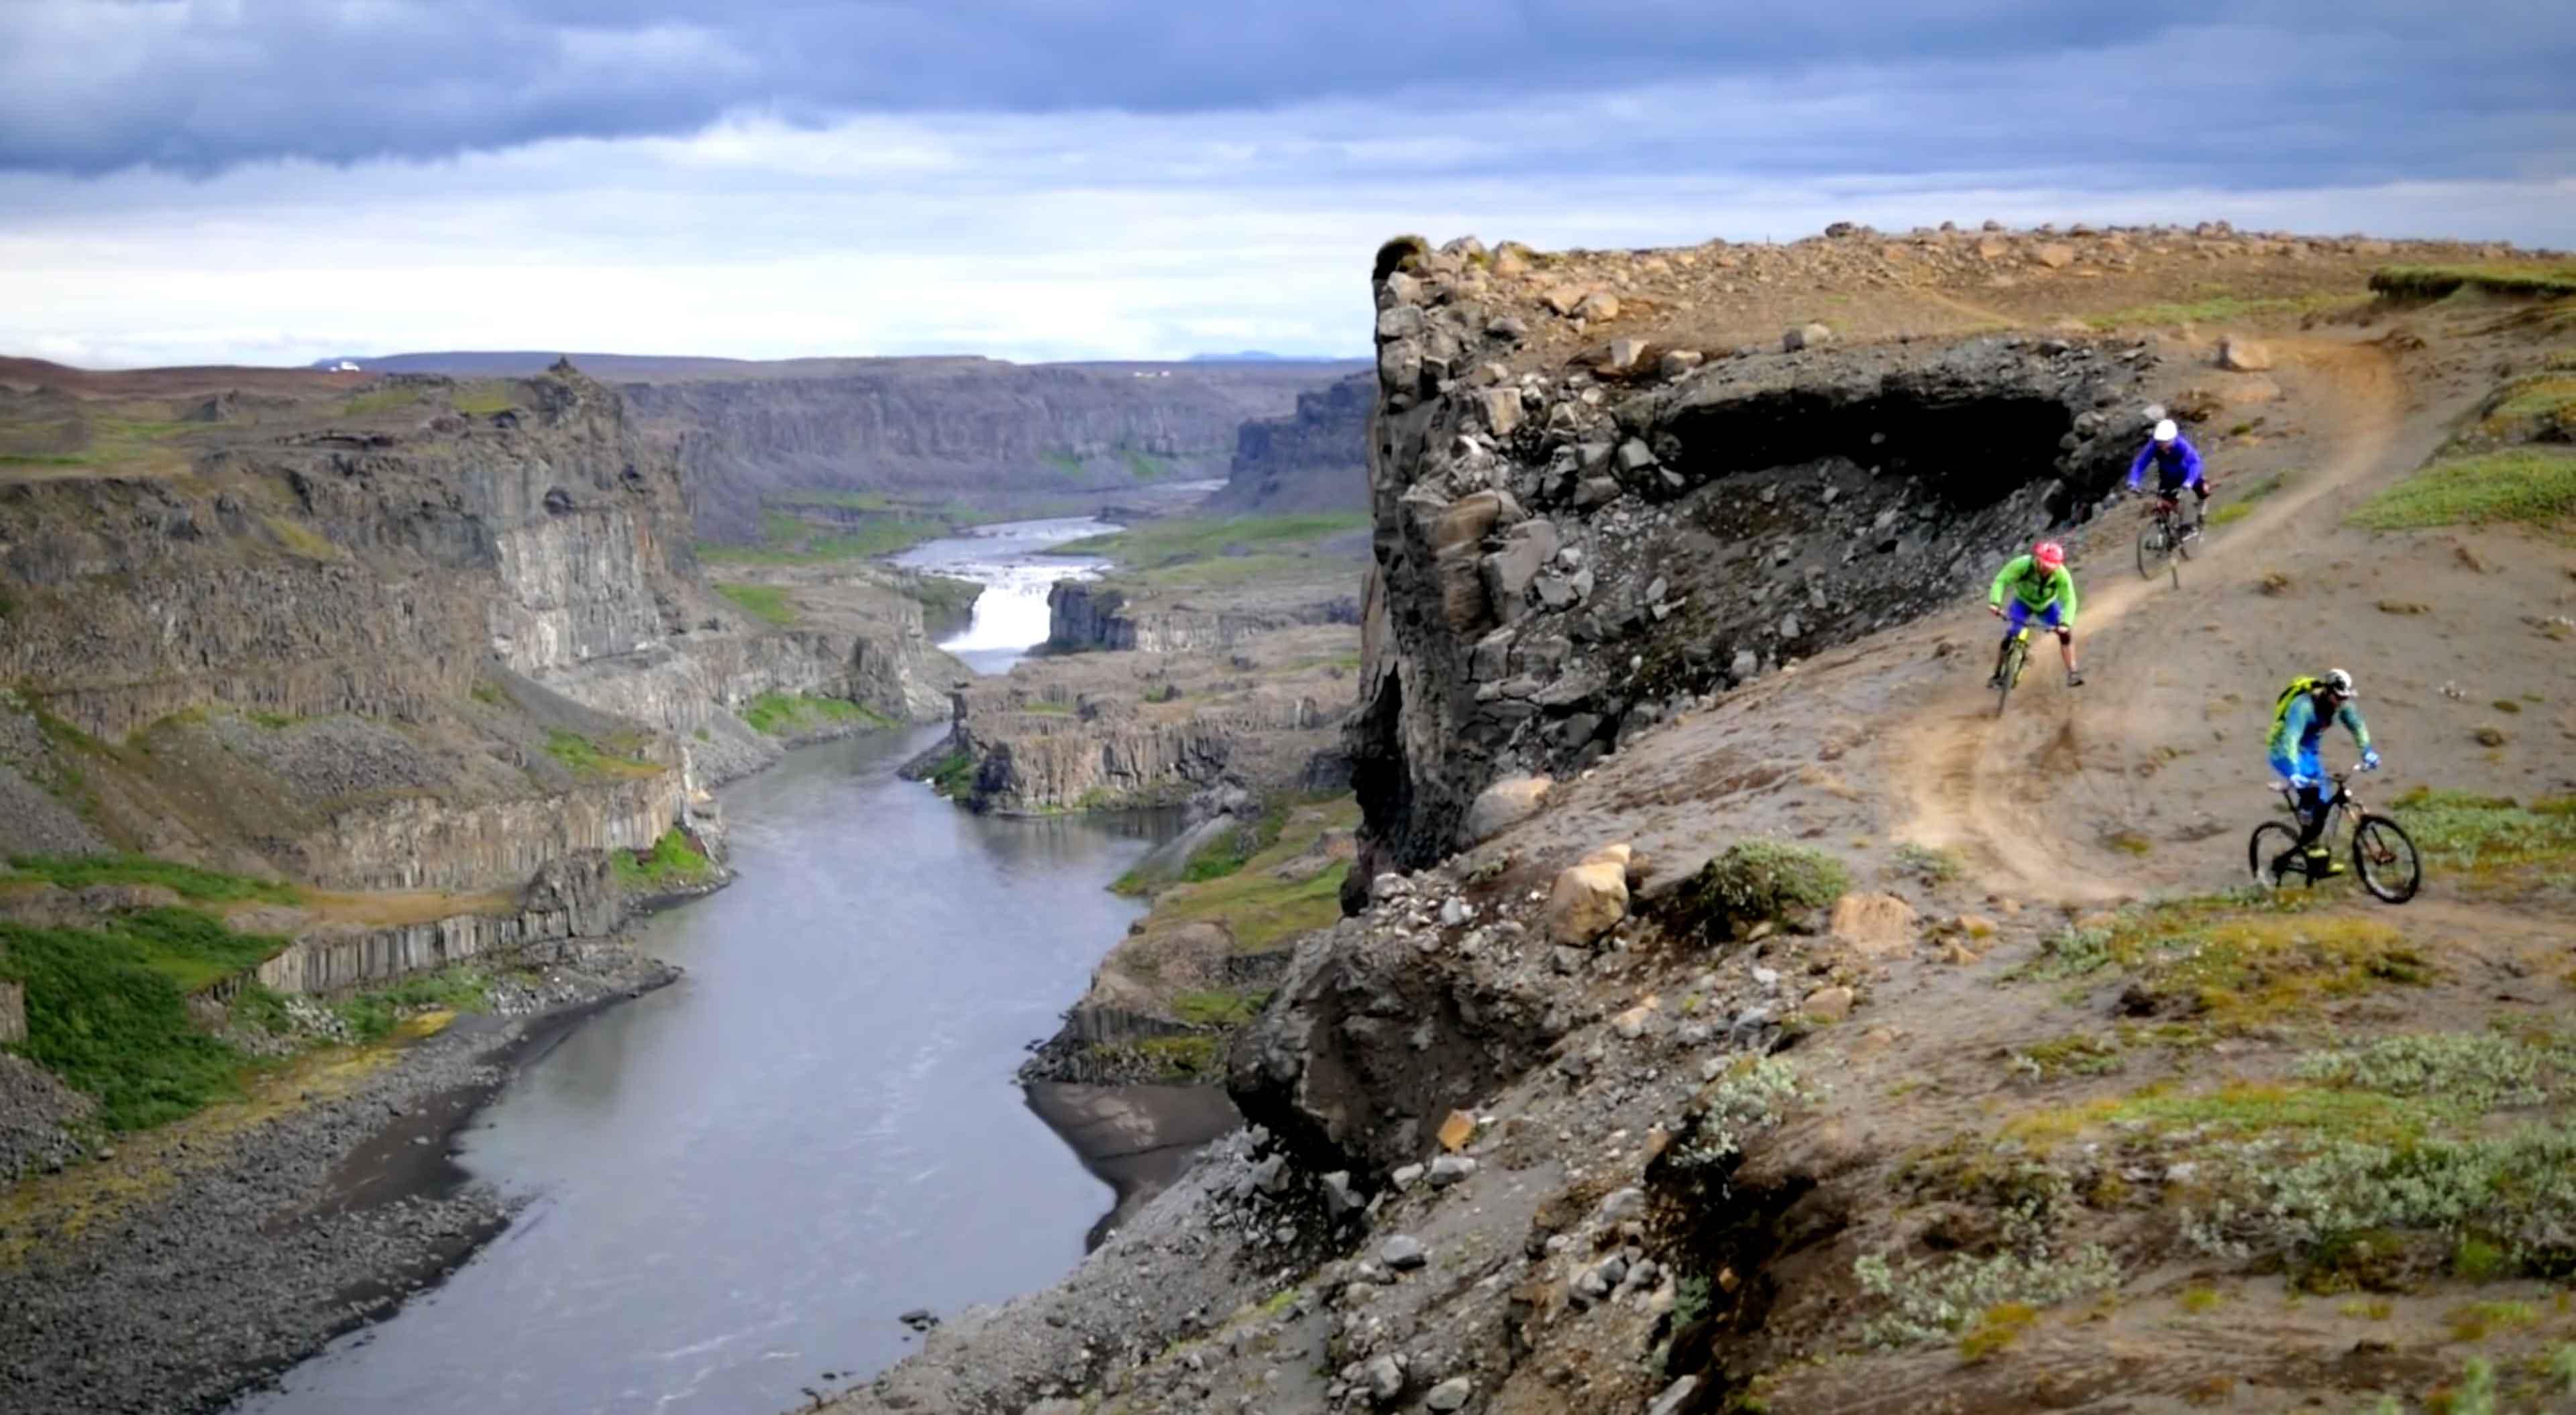 Ijsland rotsformatie met mountainbikers die over een trail rijden